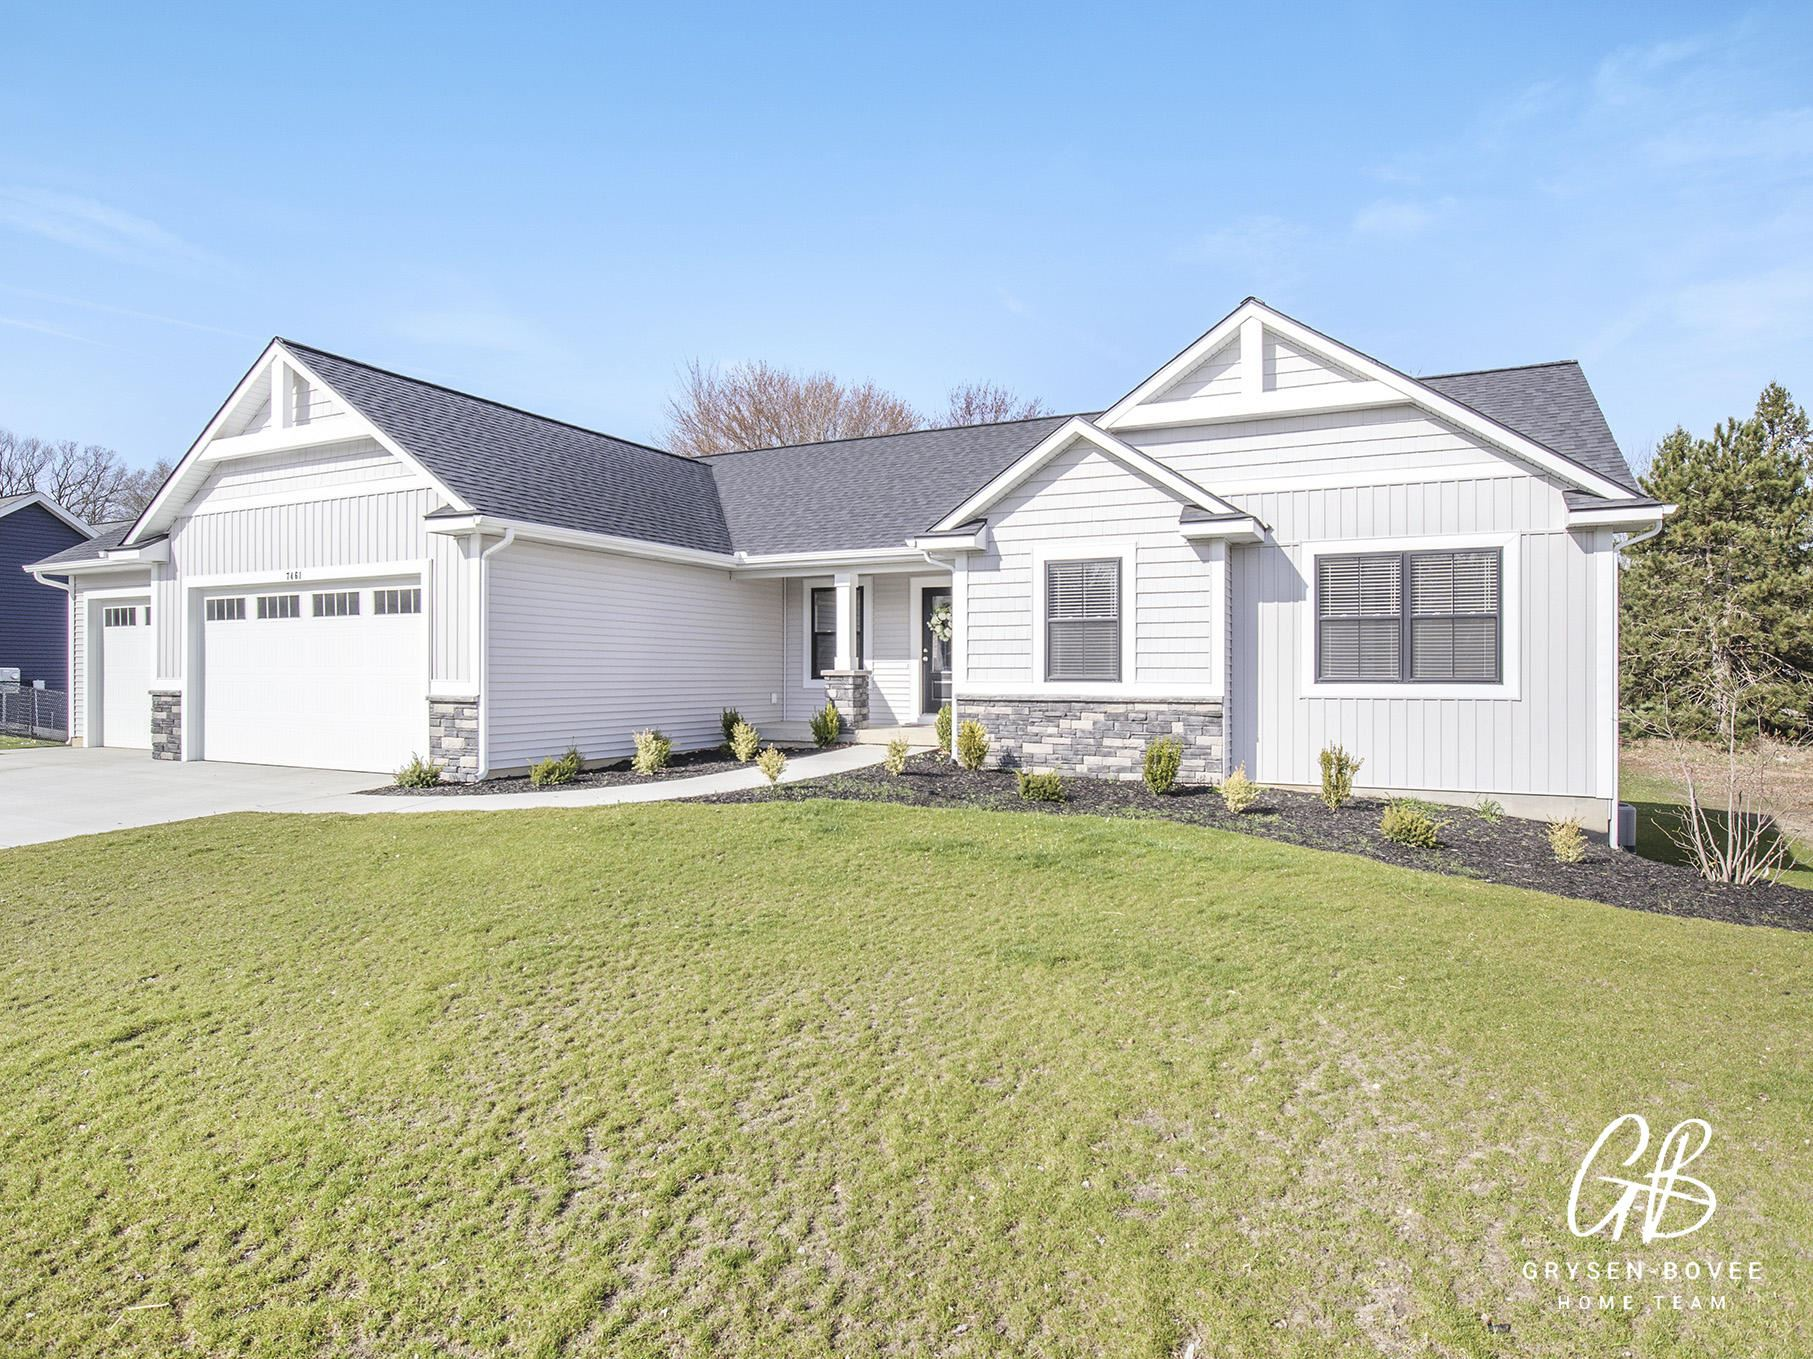 7461 Fox Meadow Drive, Hudsonville, MI 49426 - MLS#: 21011356